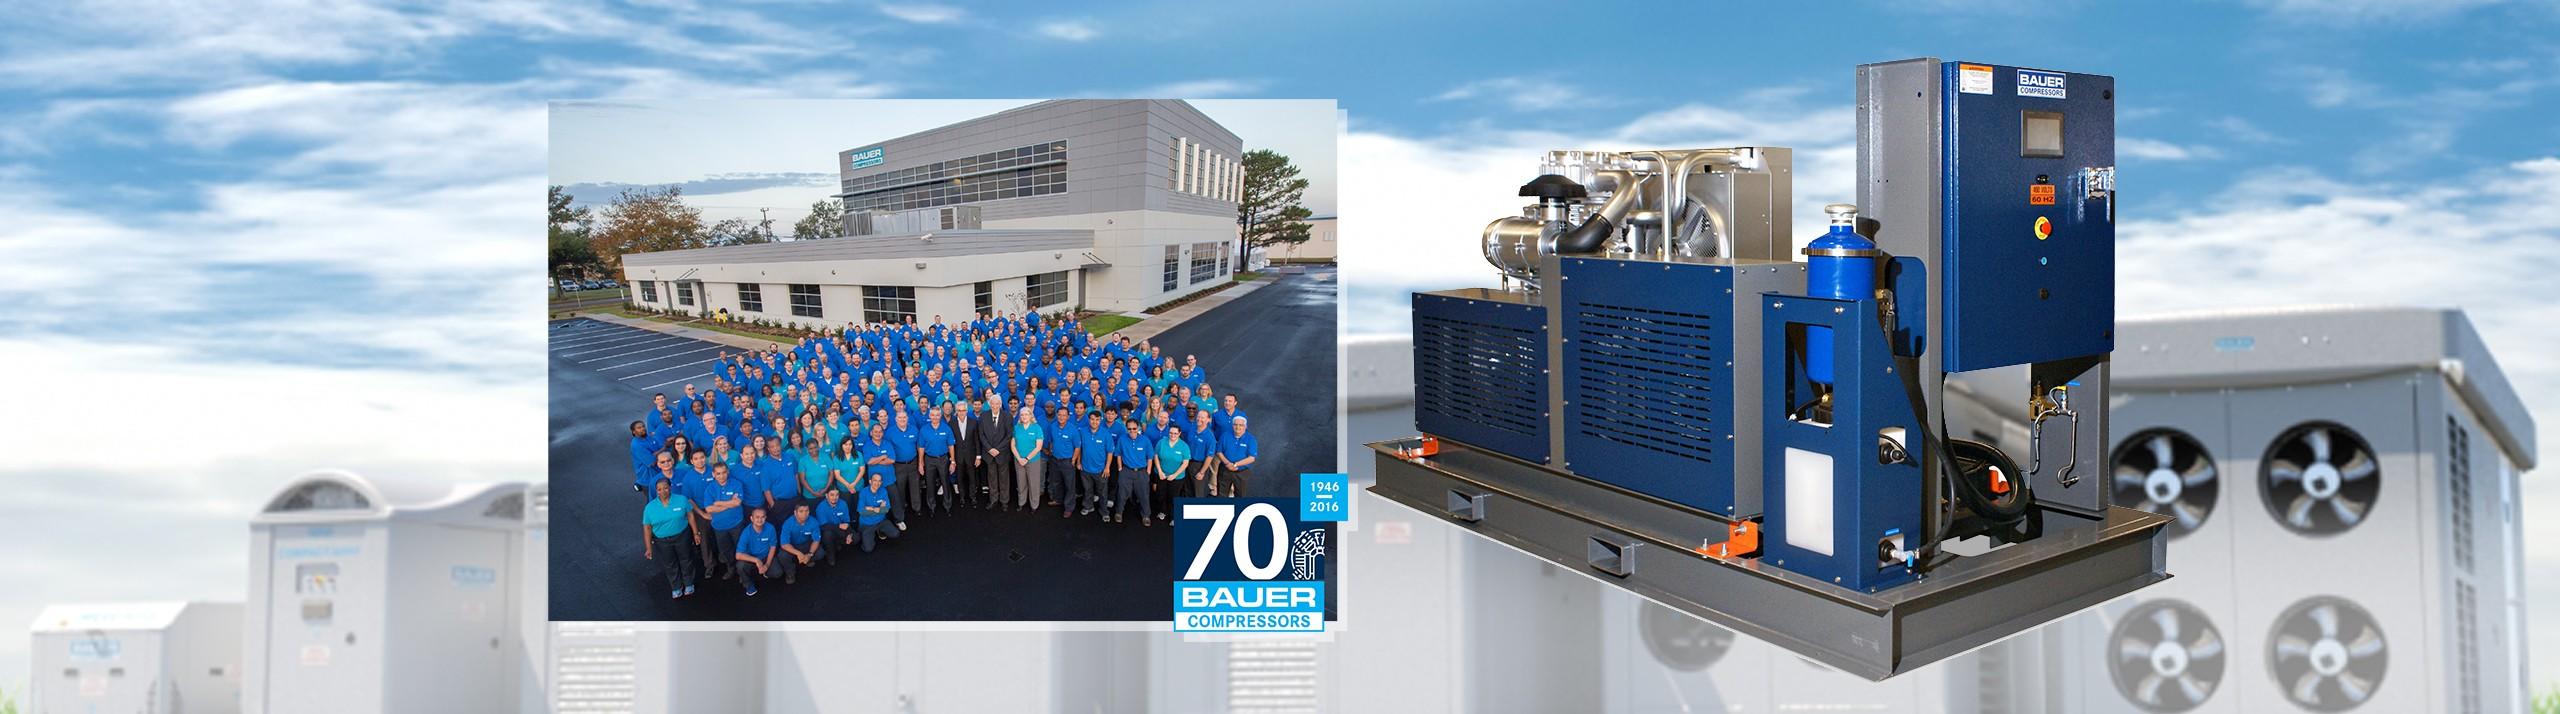 東悅 (香港) 機械工程公司